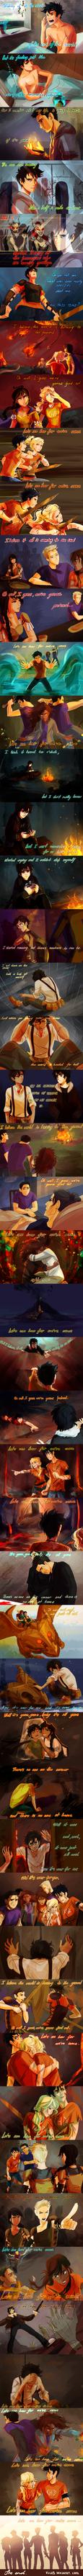 Heroes of Olympus-How far We've come by viria13